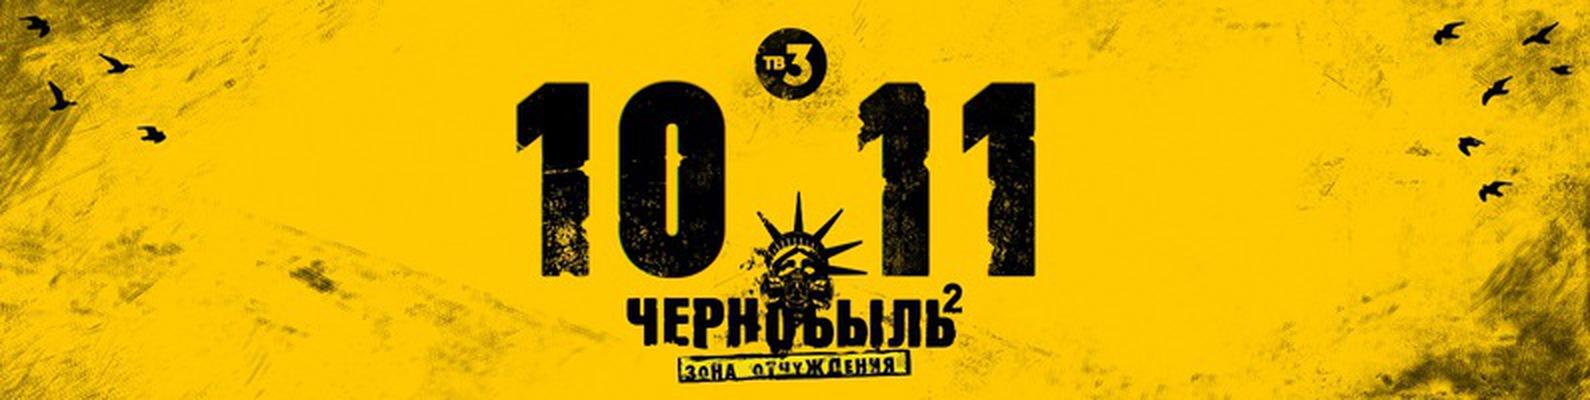 Чернобыль Зона Отчуждения 2 сезон 1 серия смотреть онлайн